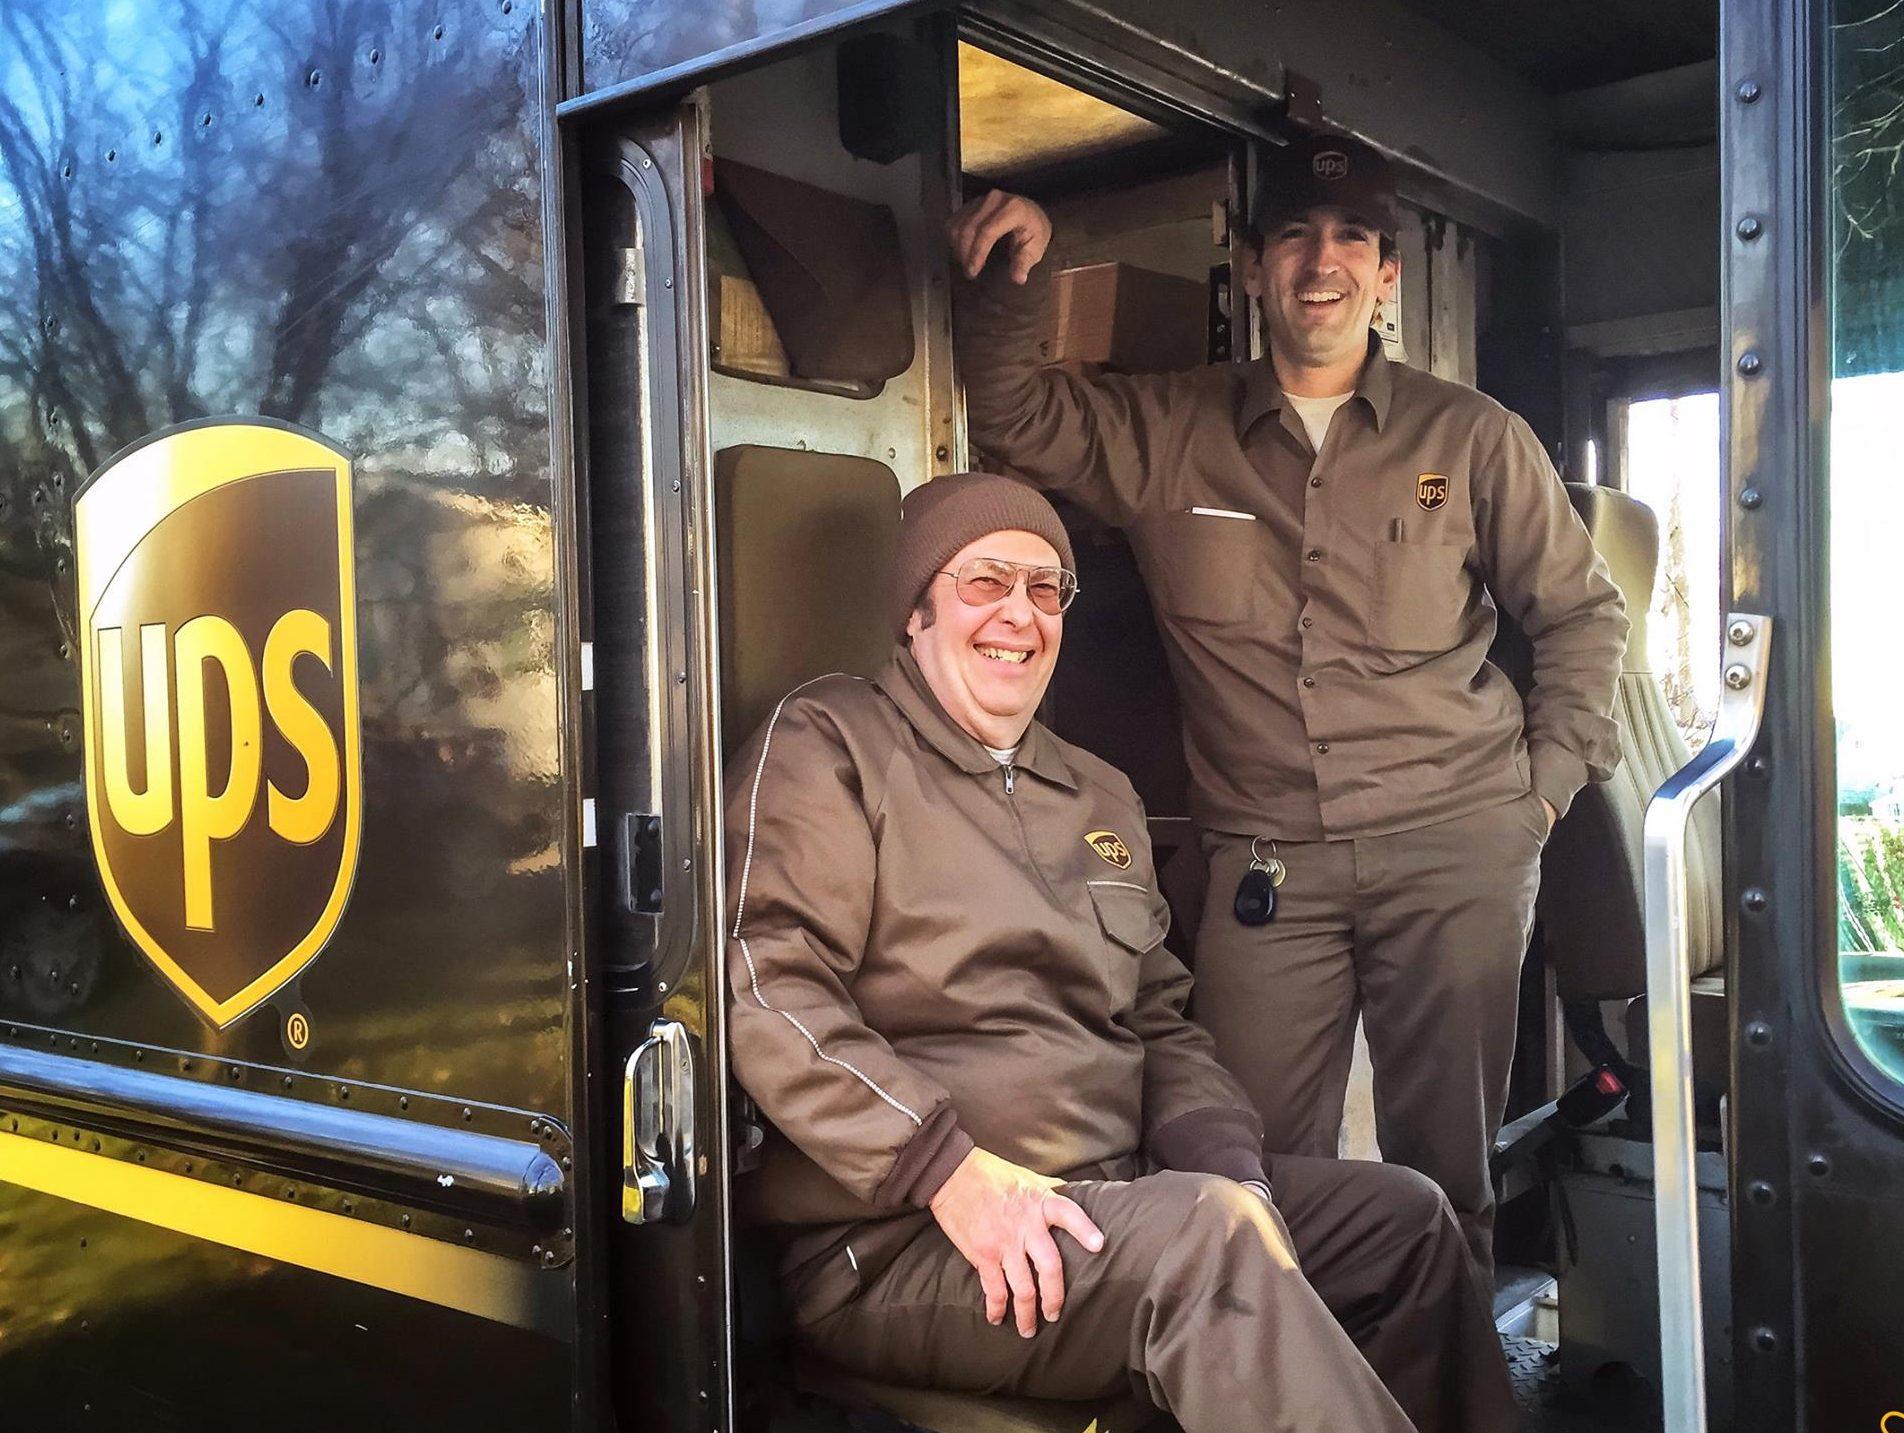 companies hiring 2018 seasonal workers – UPS hiring seasonal workers